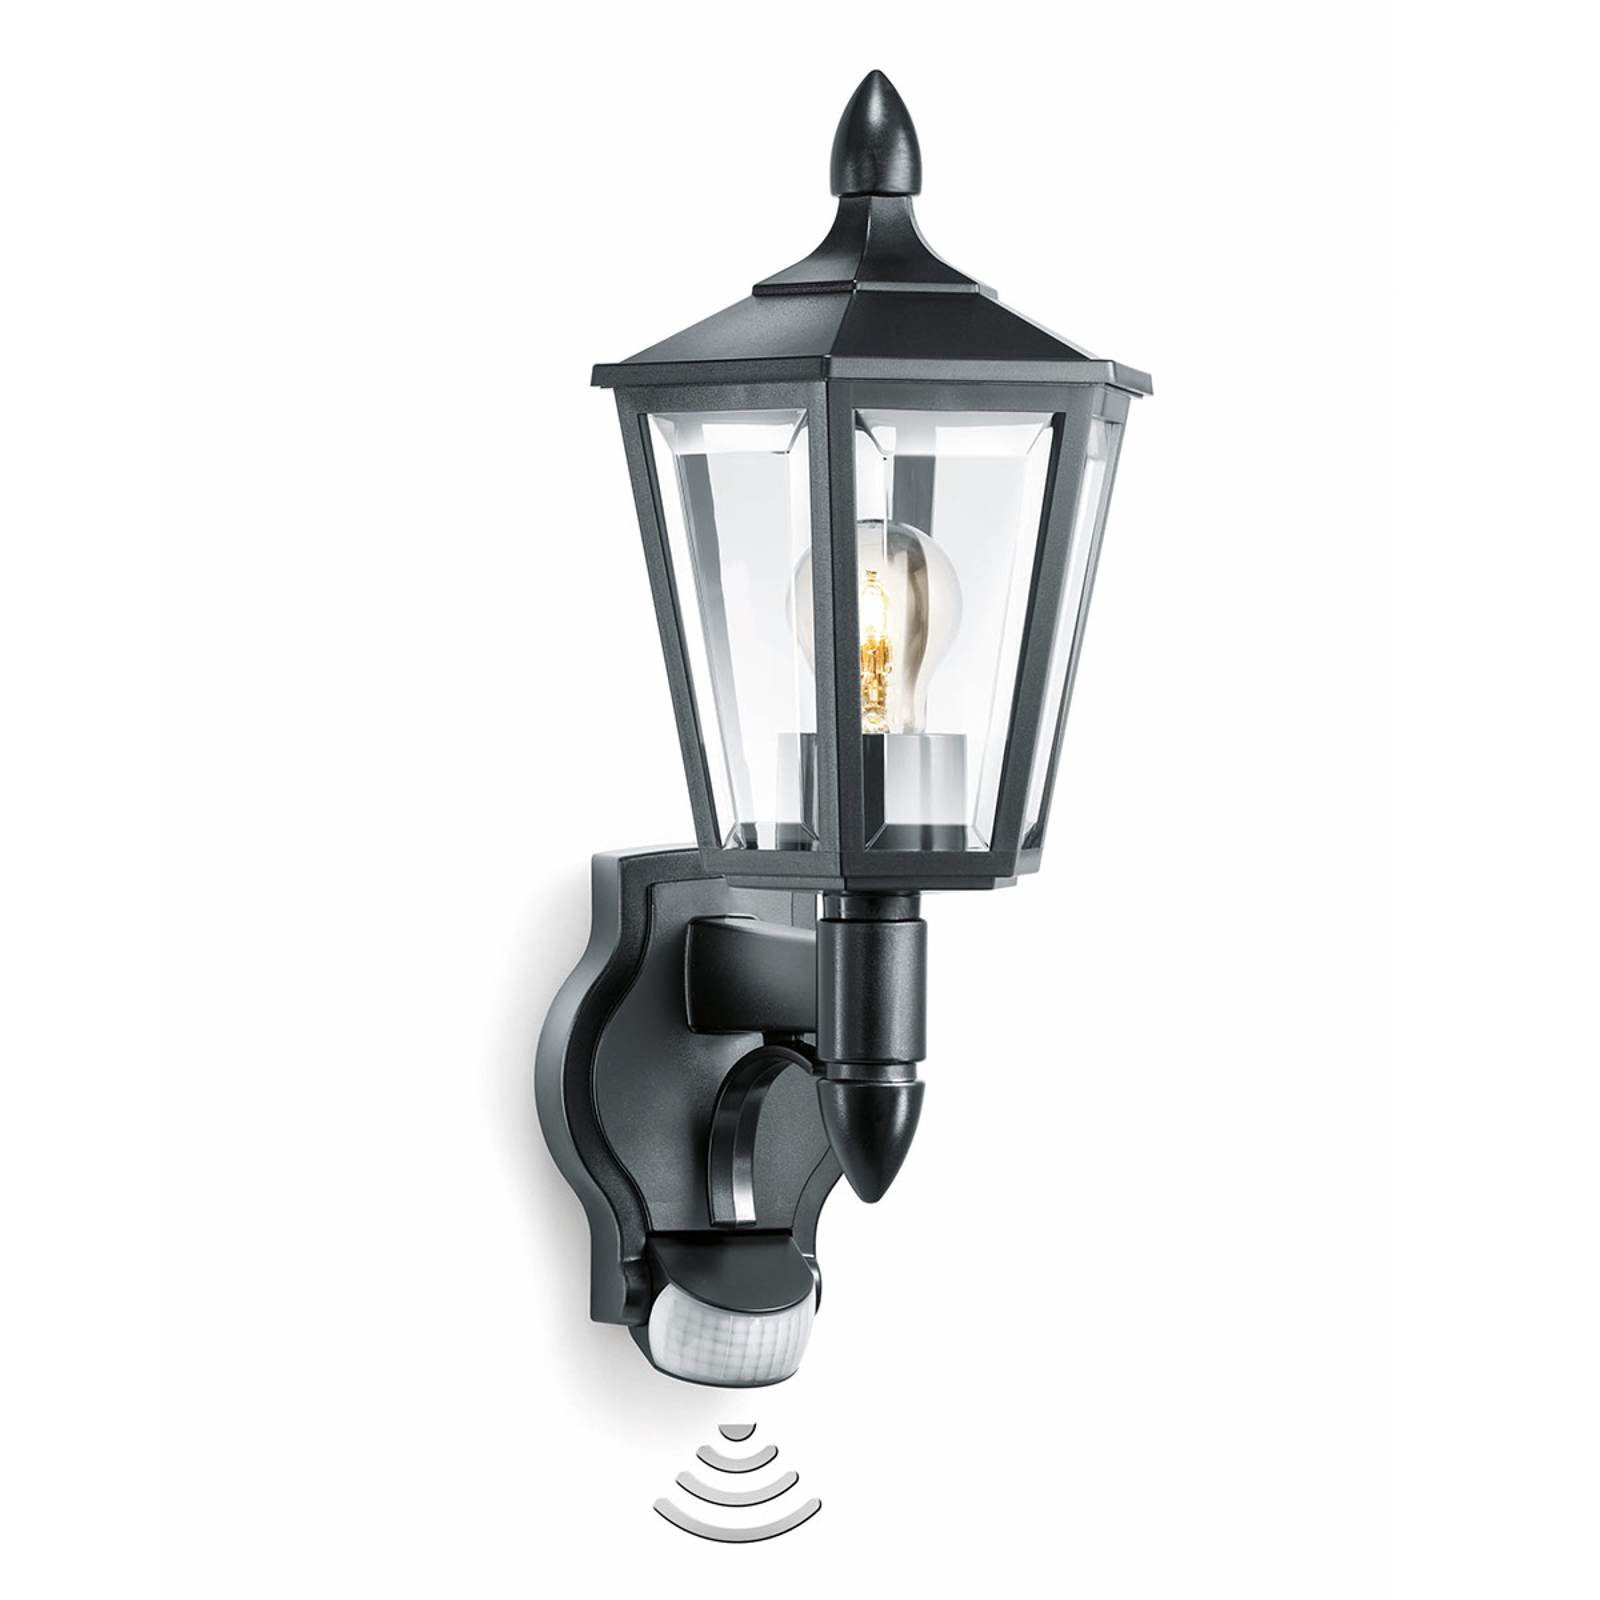 STEINEL L15-sensor utendørs vegglampe svart